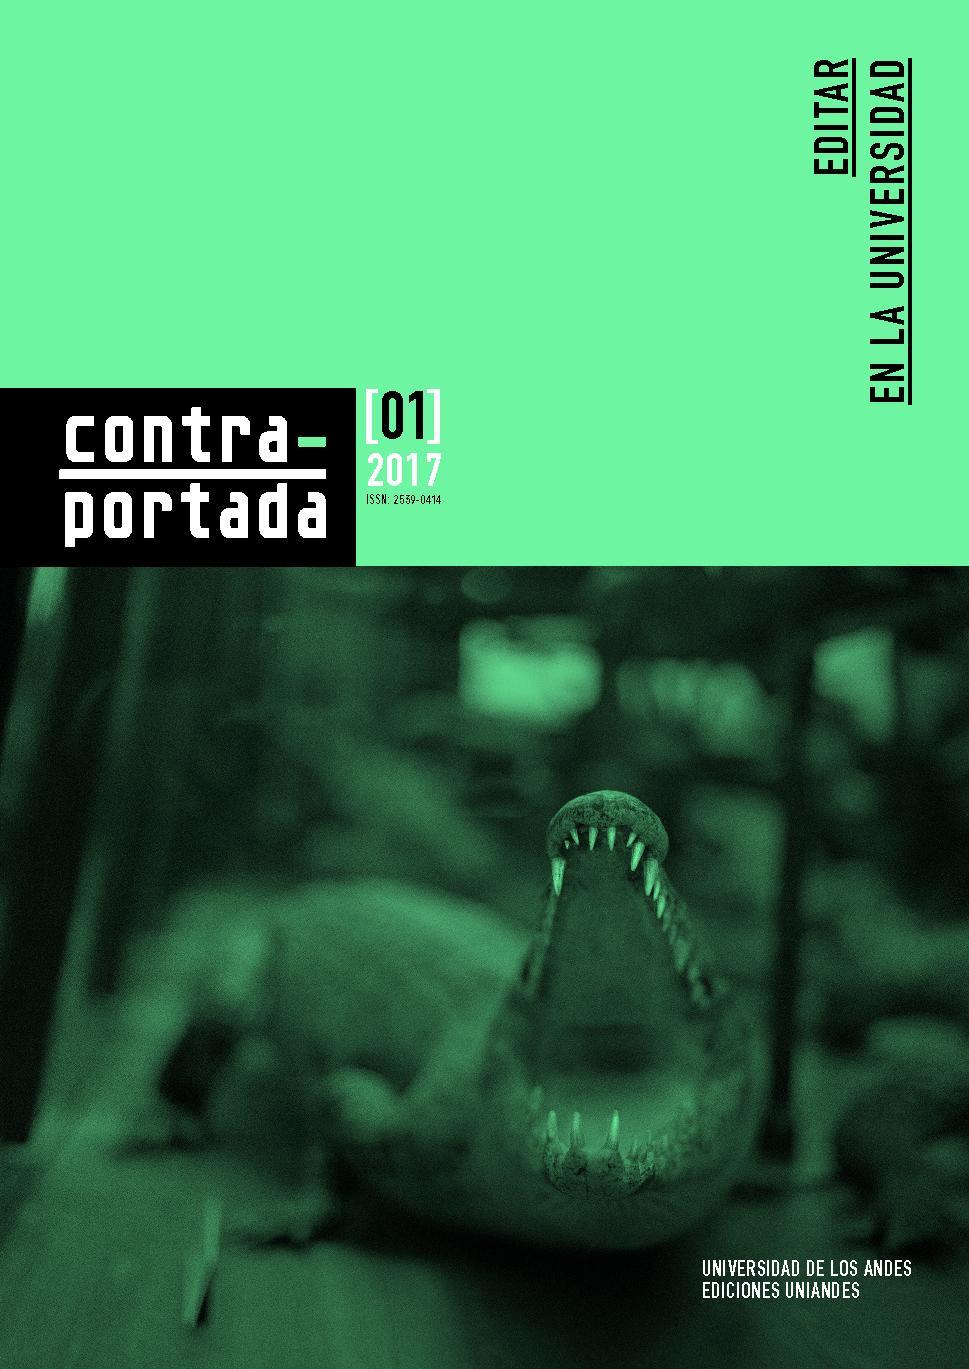 Revista Contraportada n.° 1 Editar en la universidad